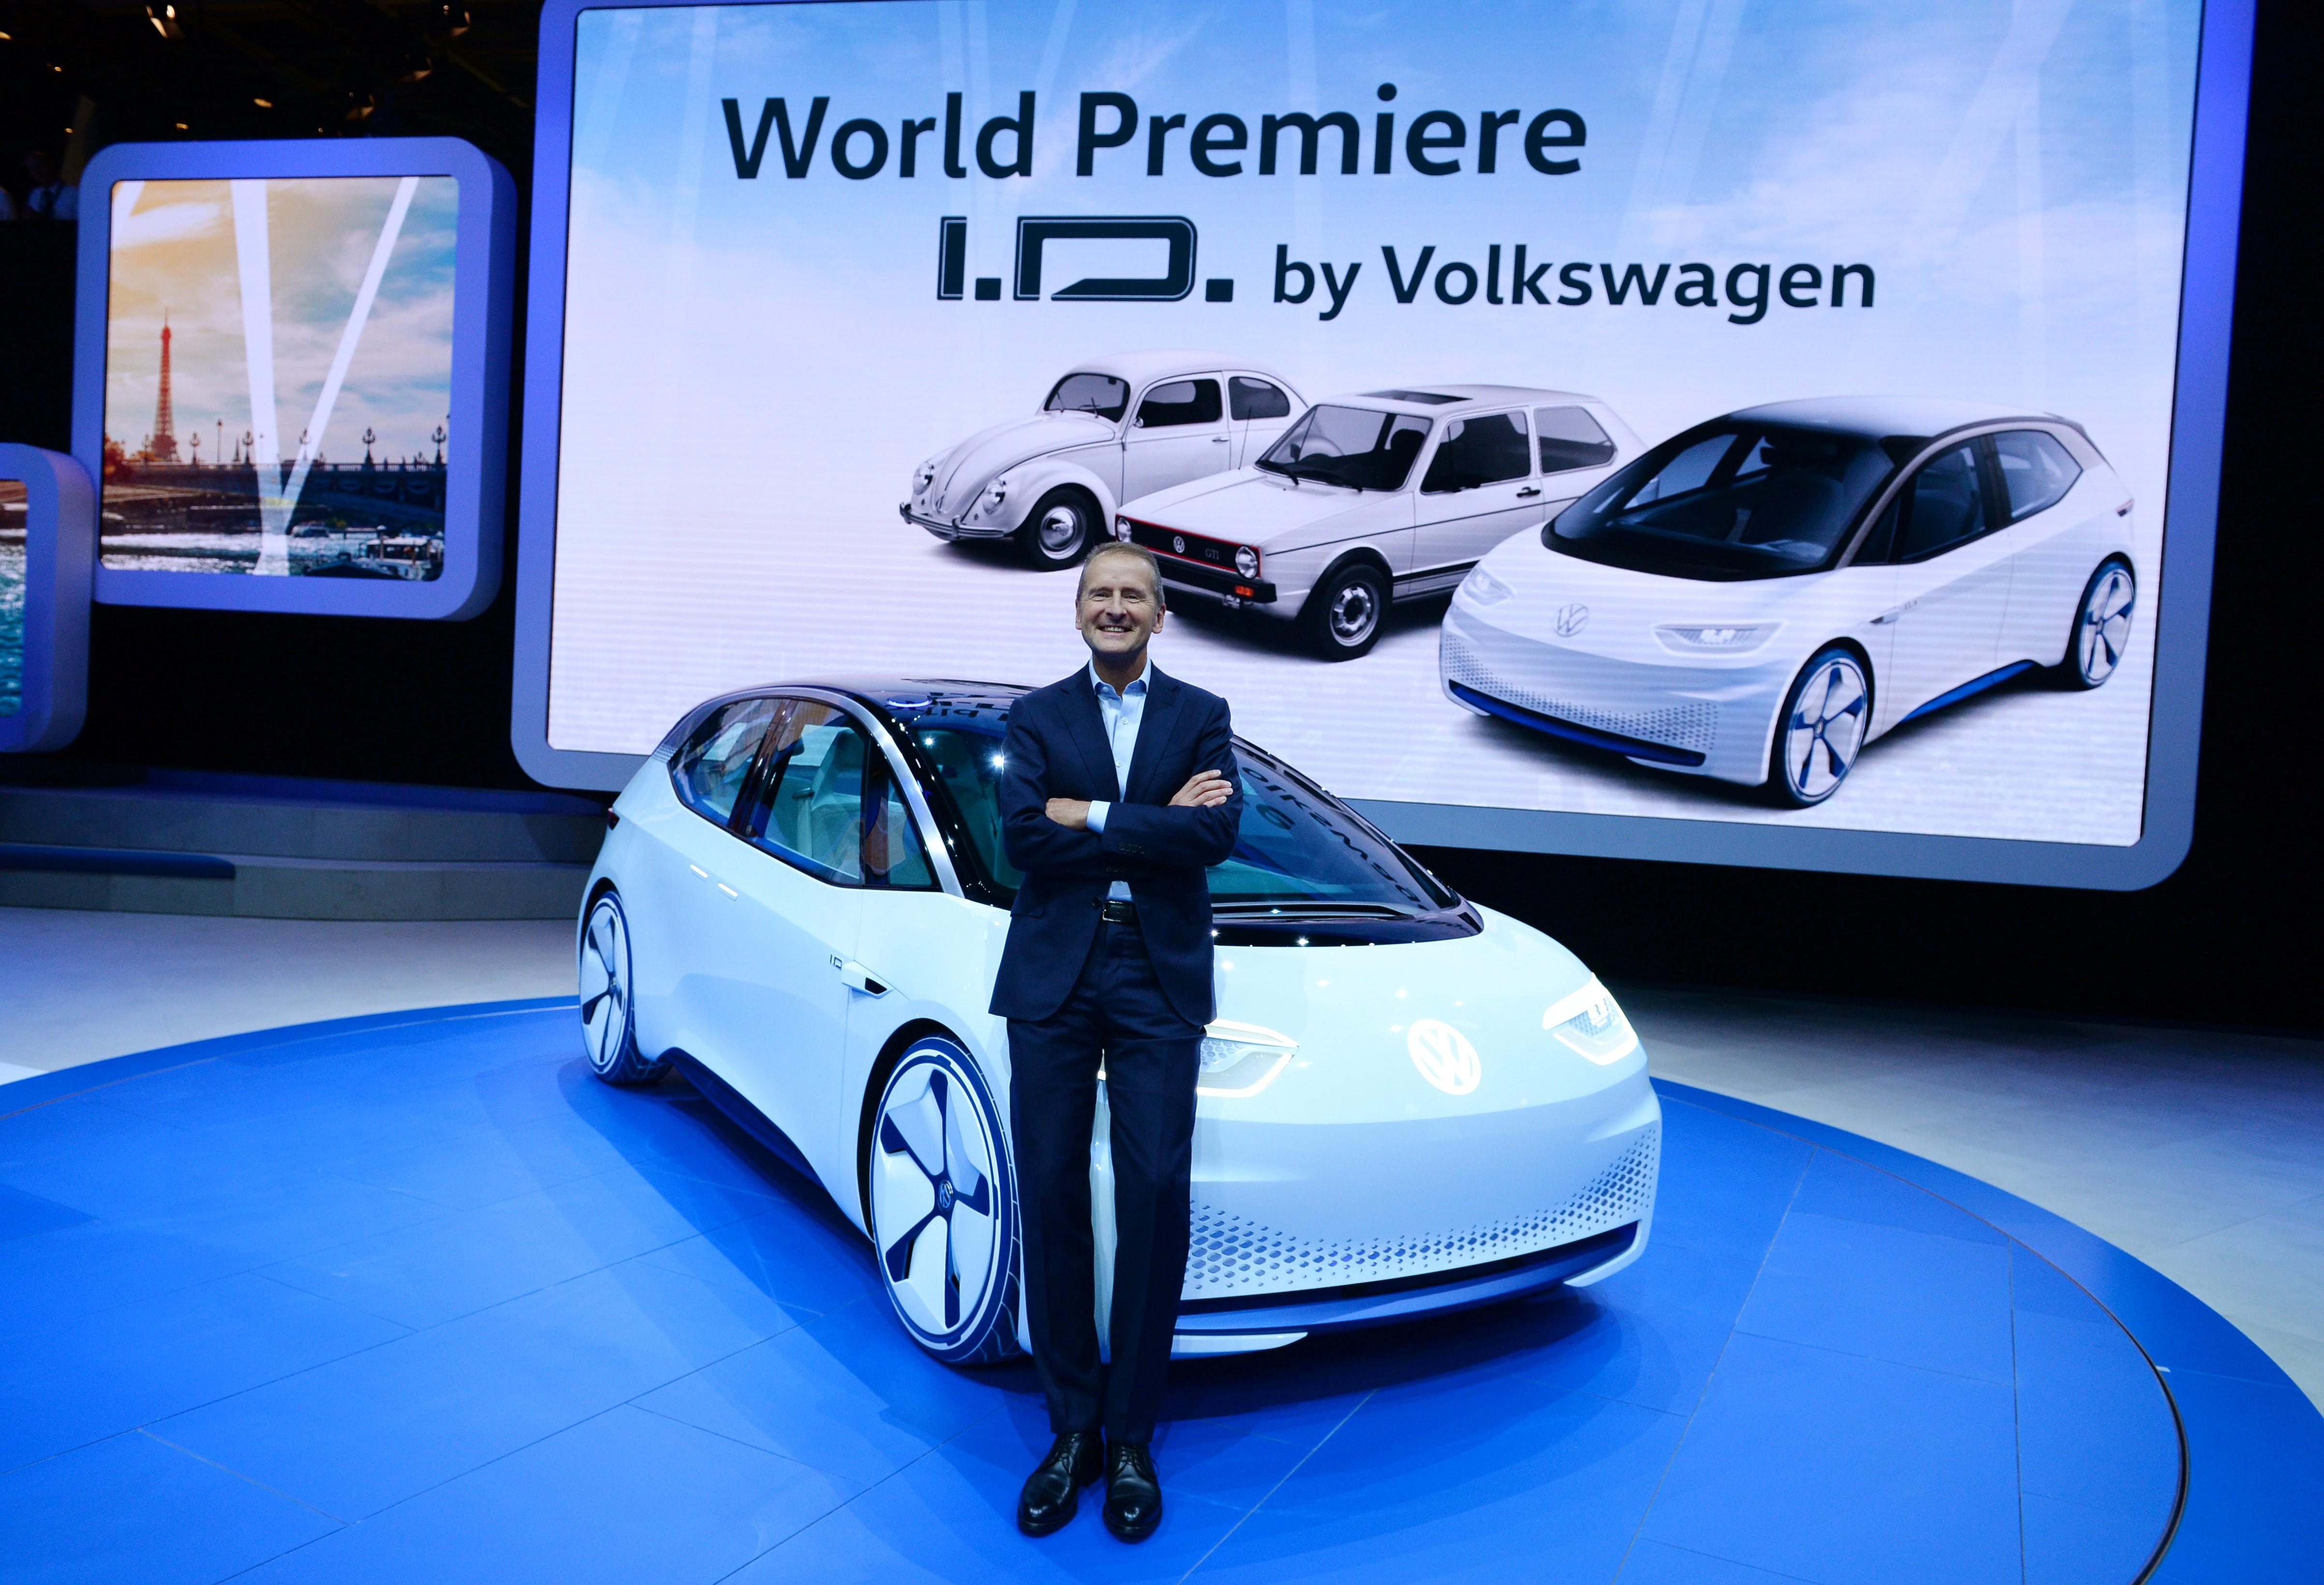 Az I.D. nevű koncept autó már elszakadt a hagyományos kocsiktól